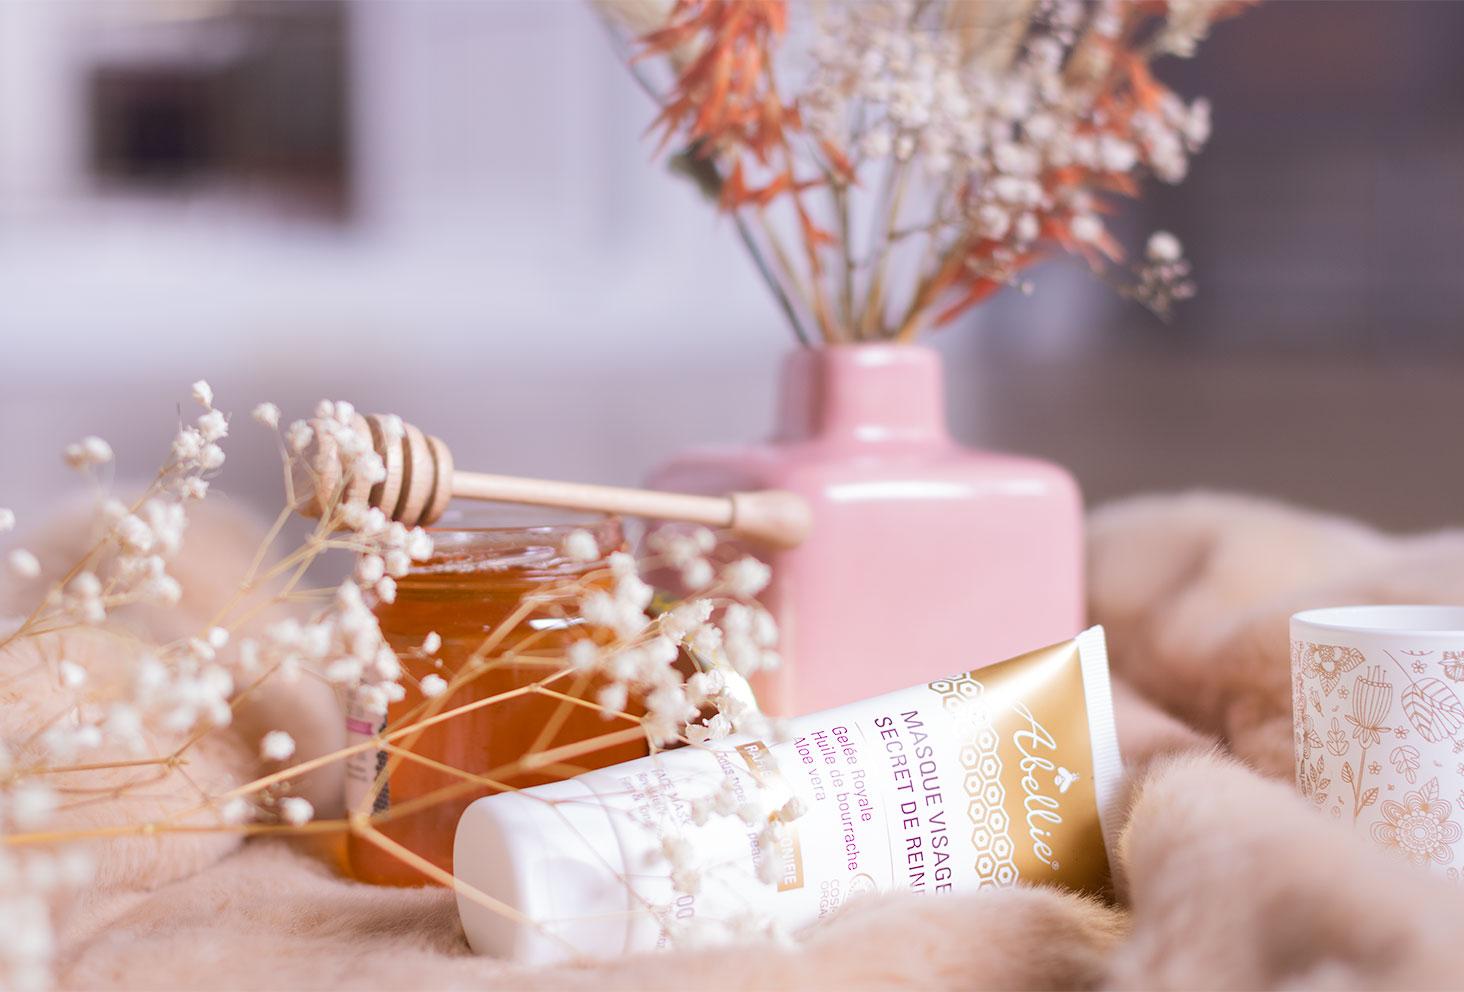 Le masque visage Abellie couché sur un plaid rose au milieu de miel et de fleurs sèches